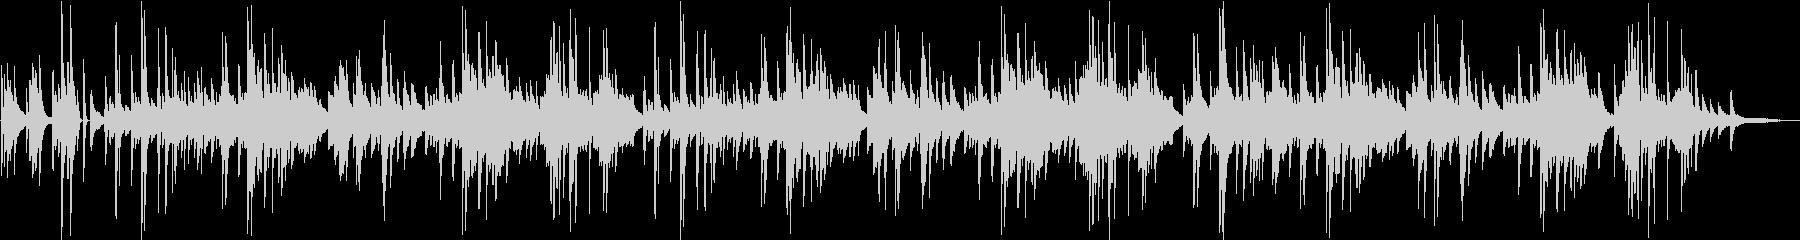 「シューベルトの子守唄」エモいチルピアノの未再生の波形